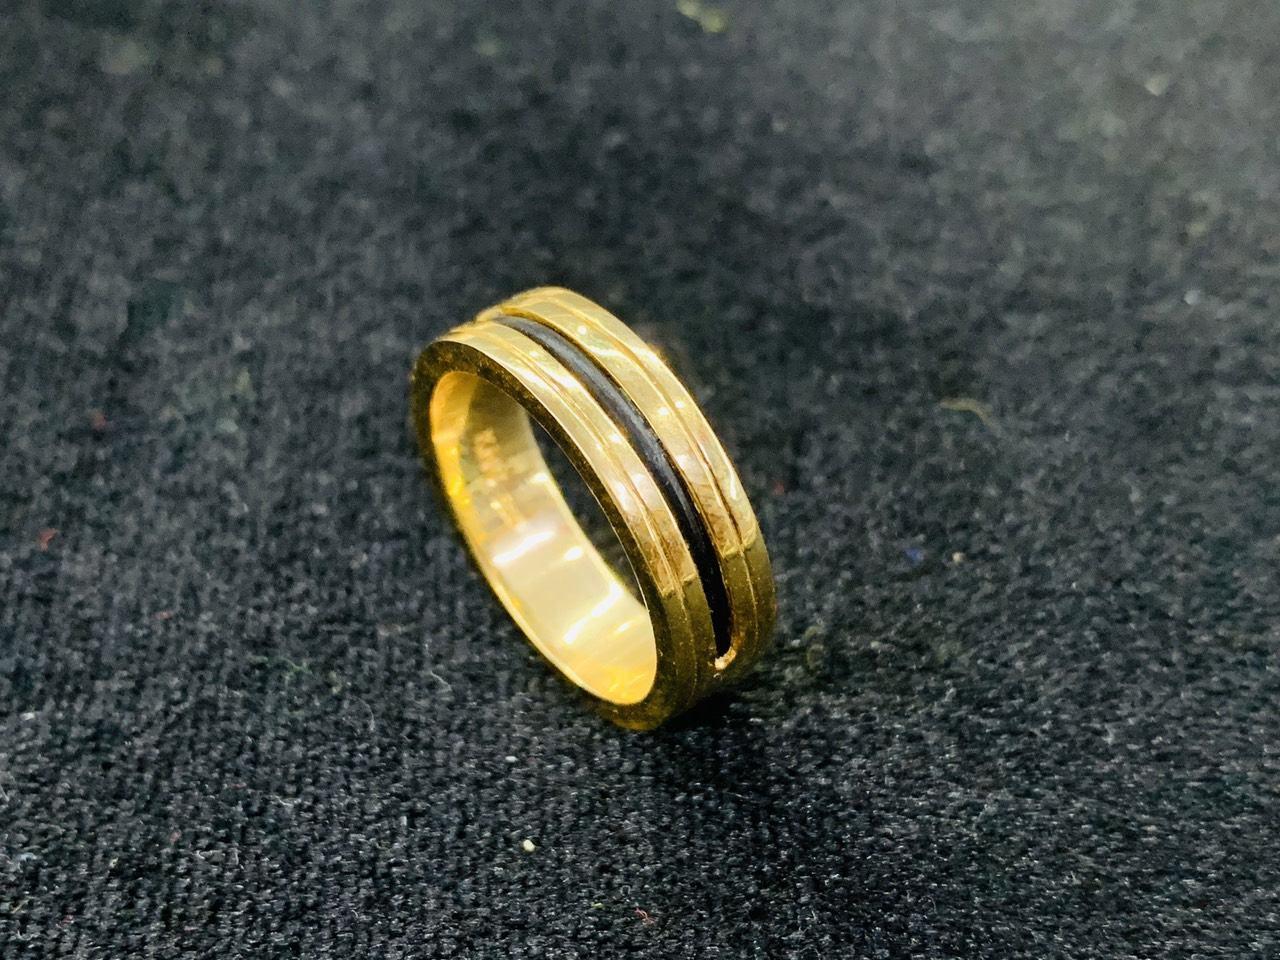 Kiểu nhẫn nữ đẹp 2 viền khắc vàng 18K - Bảng 6 mm